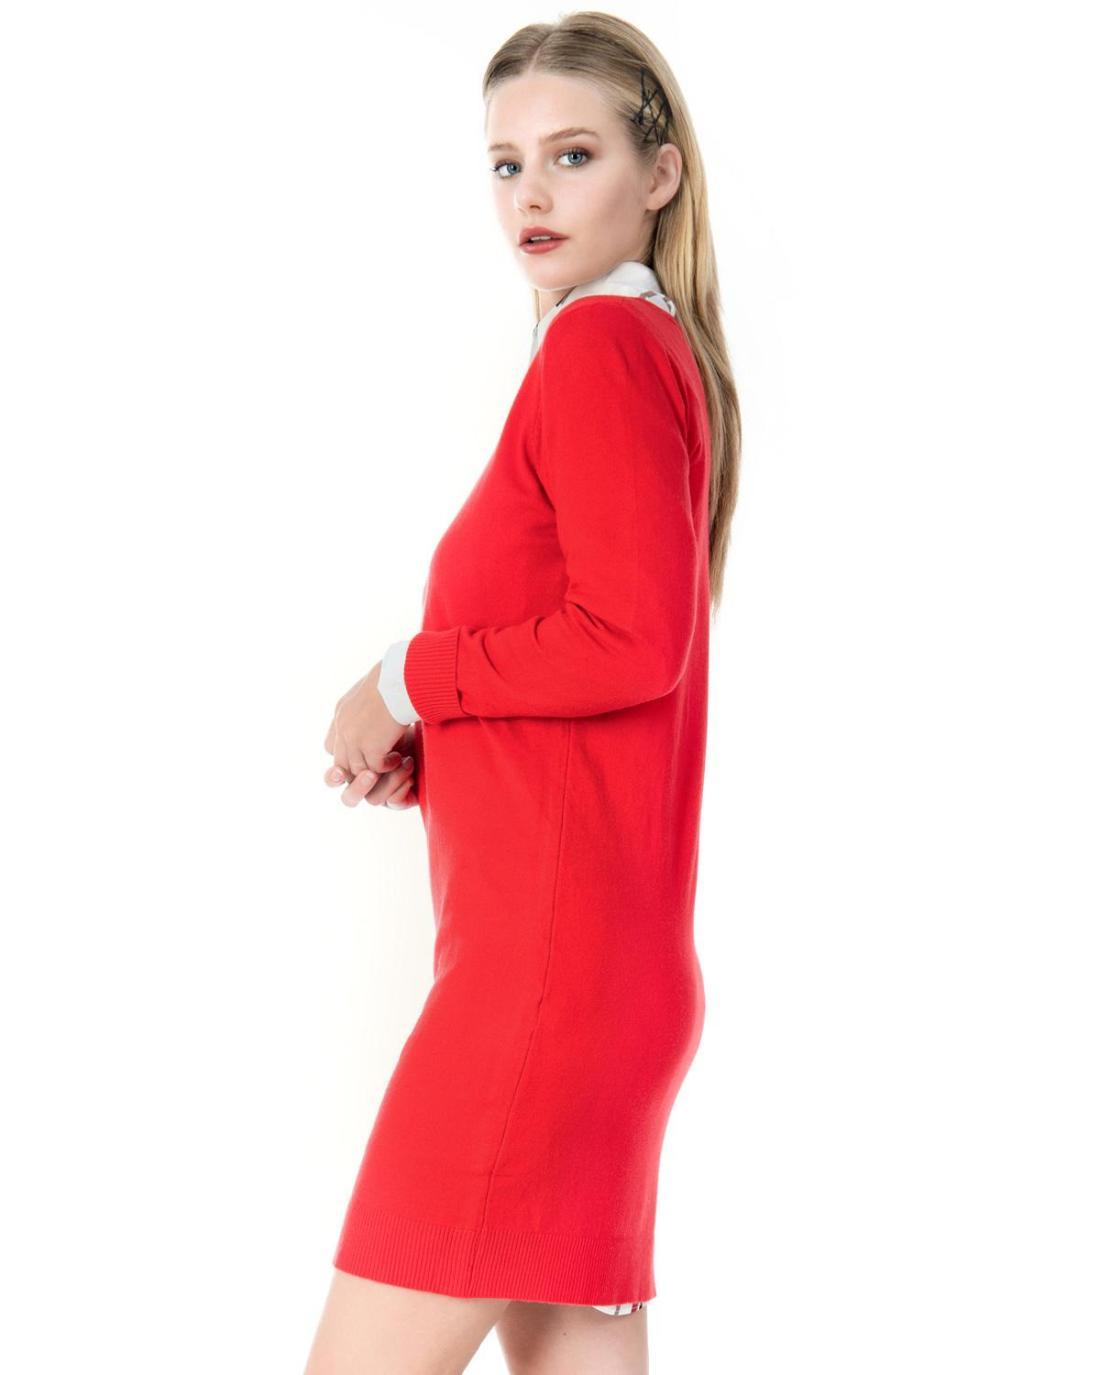 Μπλουζοφόρεμα κόκκινο